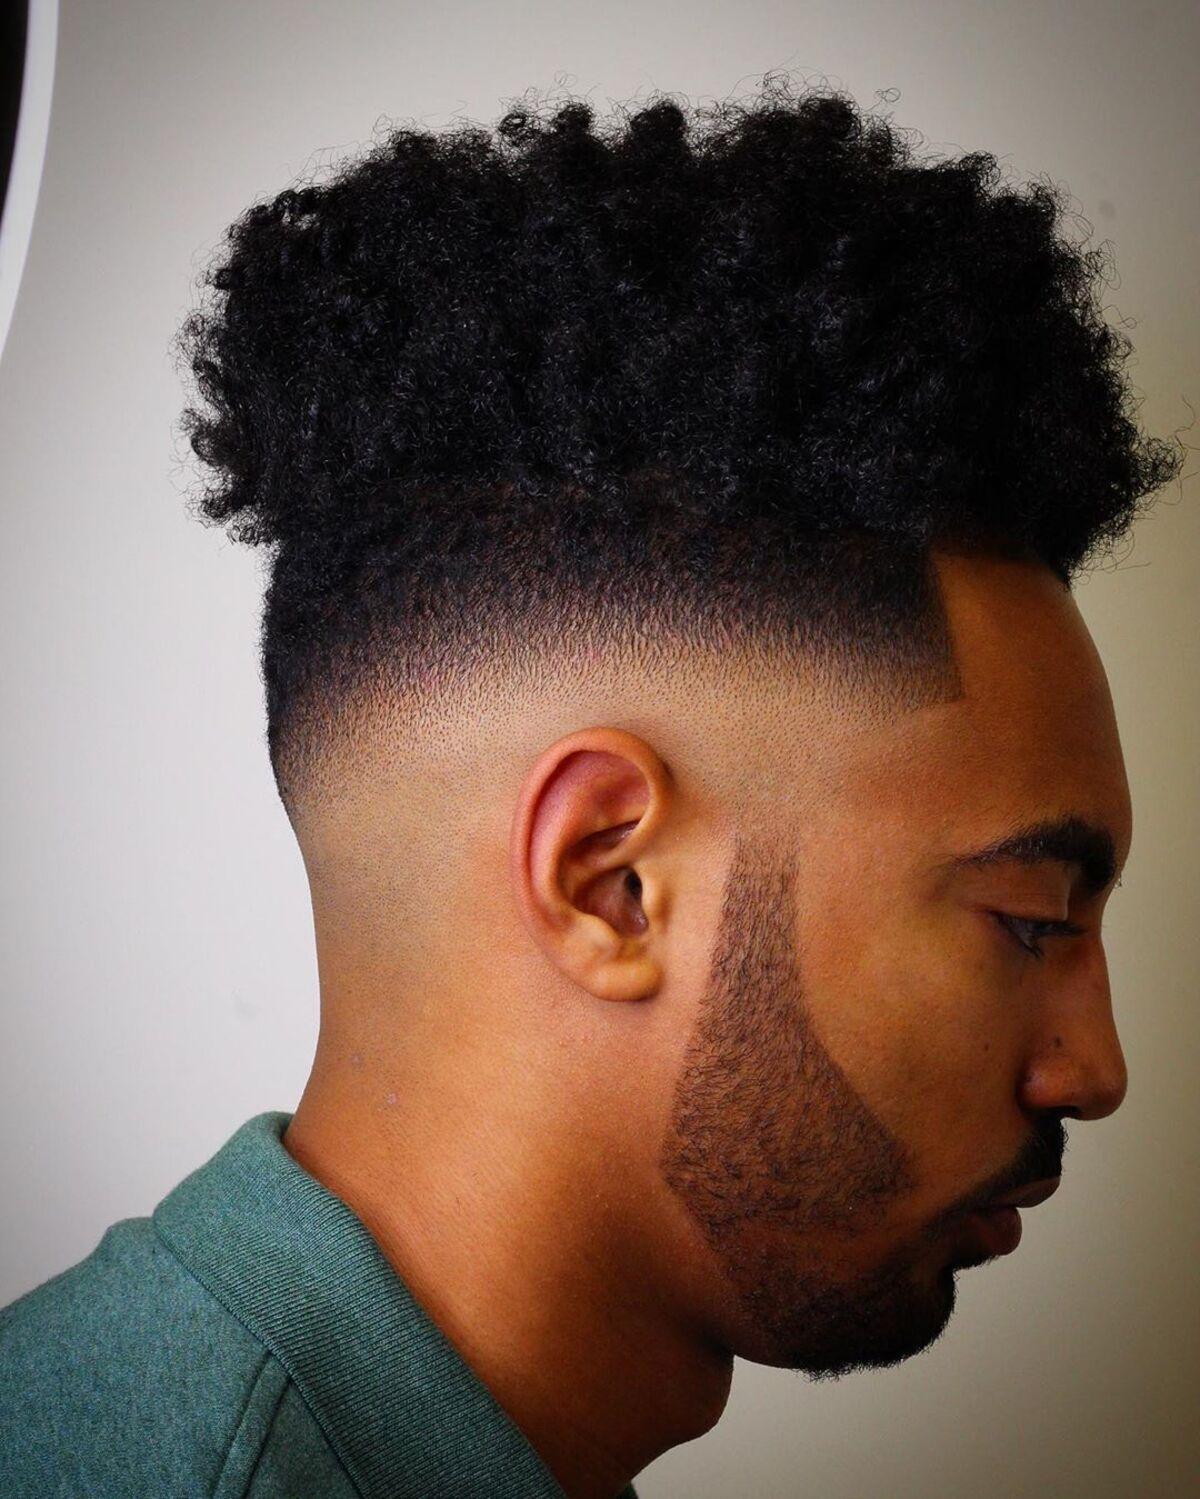 Desvanecimiento superior alto con escote de barba puntiagudo